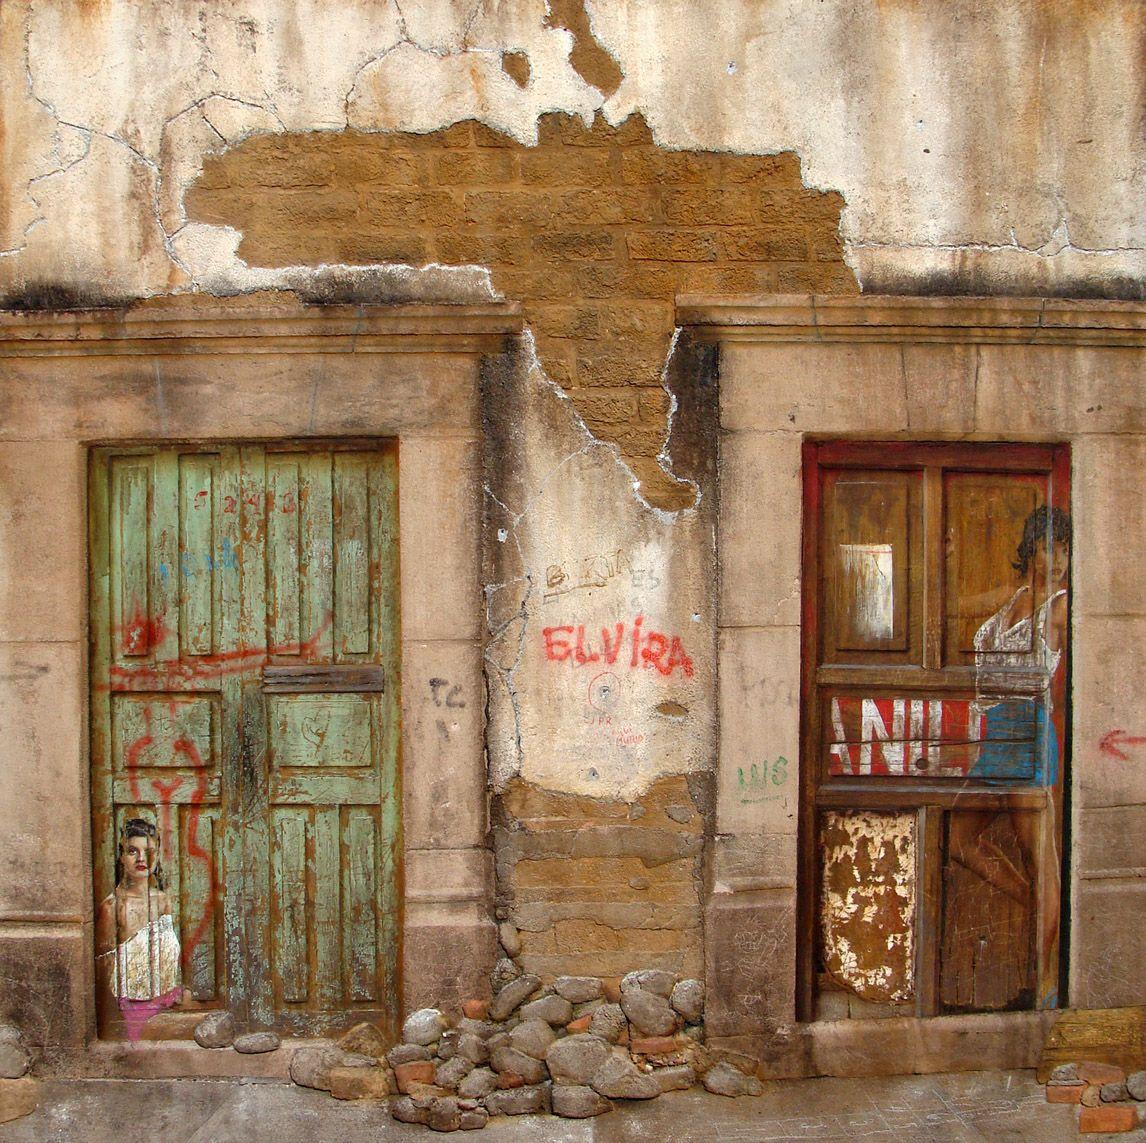 Puertas malas, mixta sobre tela sobre madera por Rafael Cauduro